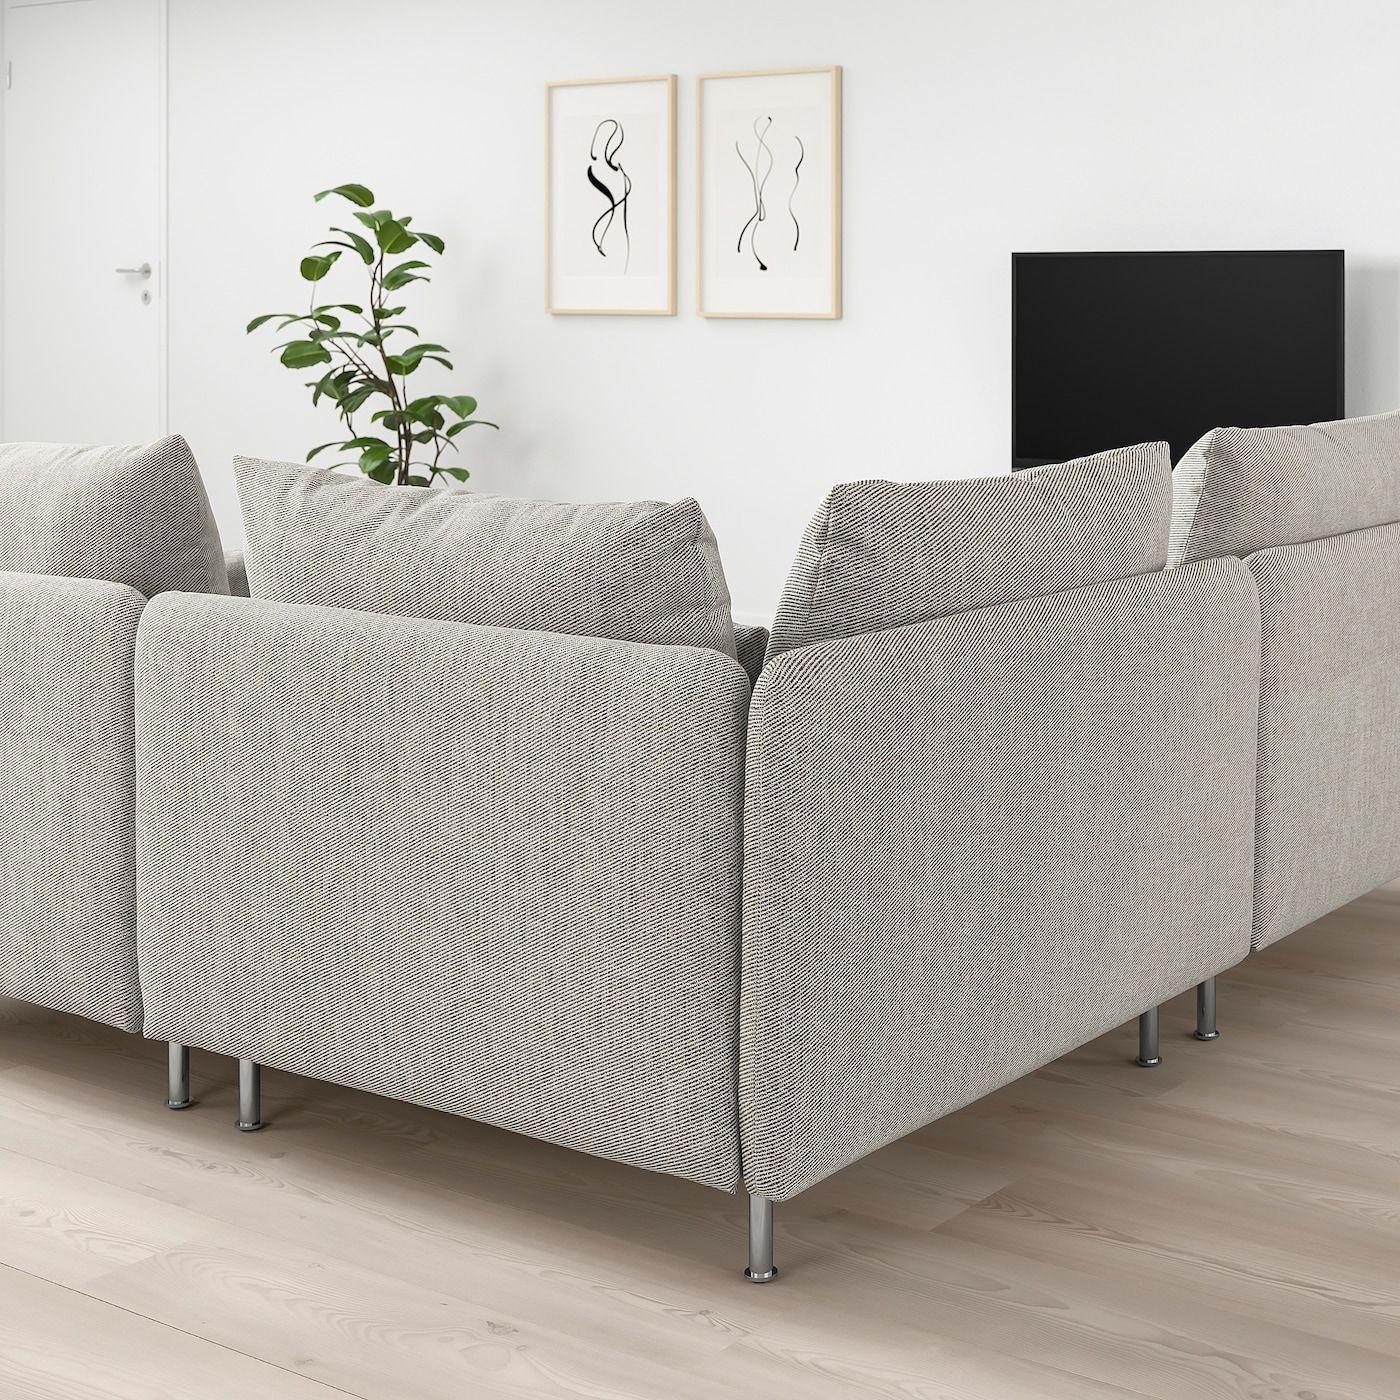 Canape Angle Ikea Soderhamn